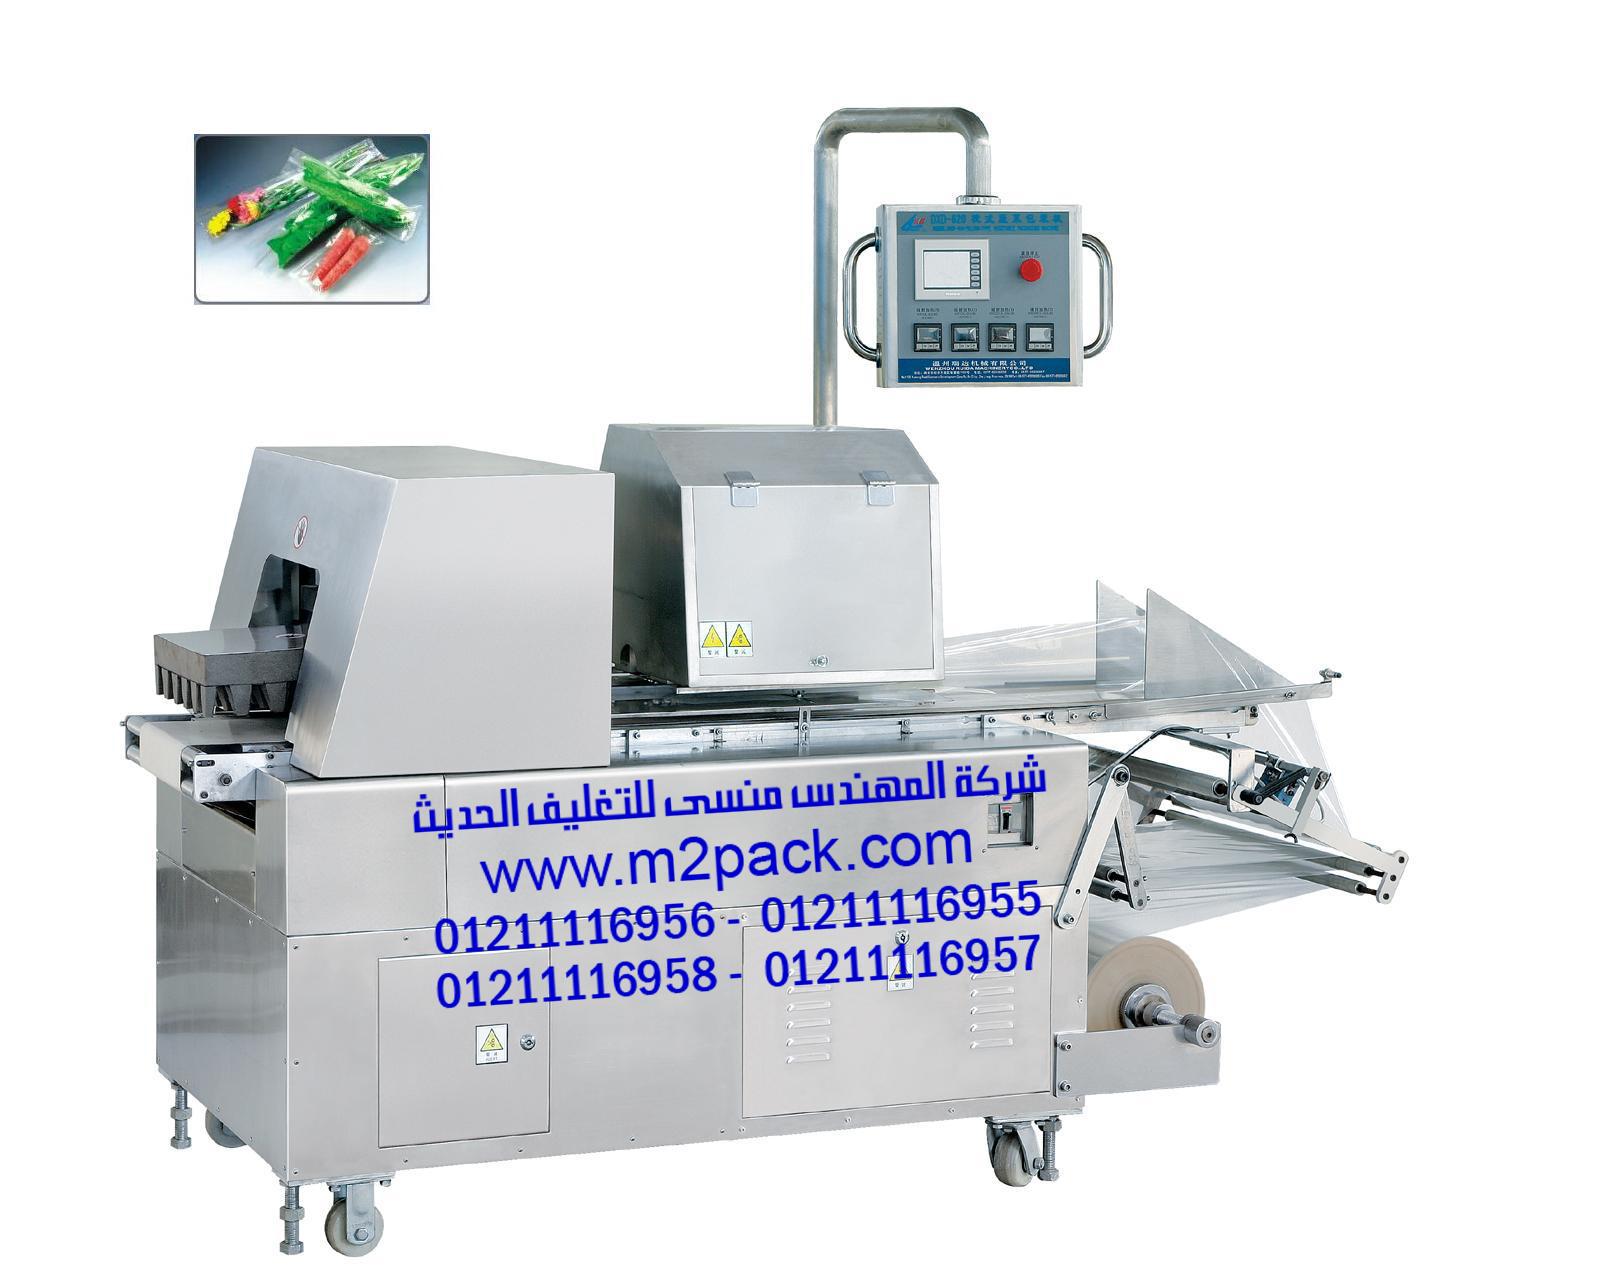 ماكينة تغليف الخضروات الأوتوماتيكيةM2PACK DXD 620/850